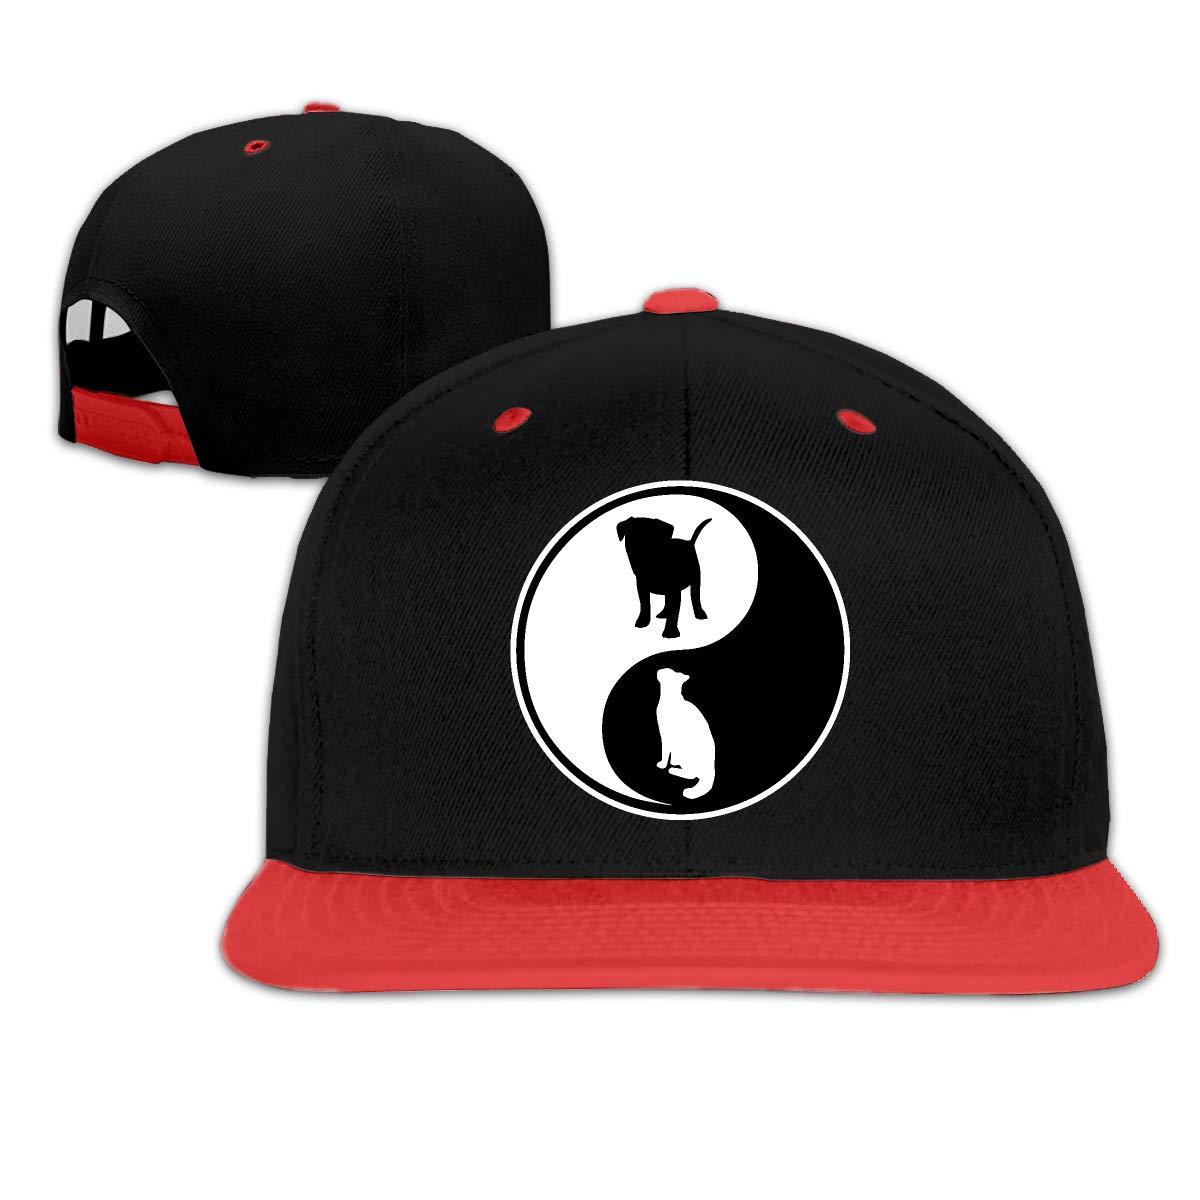 Yin Yang Dog and Cat Adjustable Dad Cap Baseball Hat